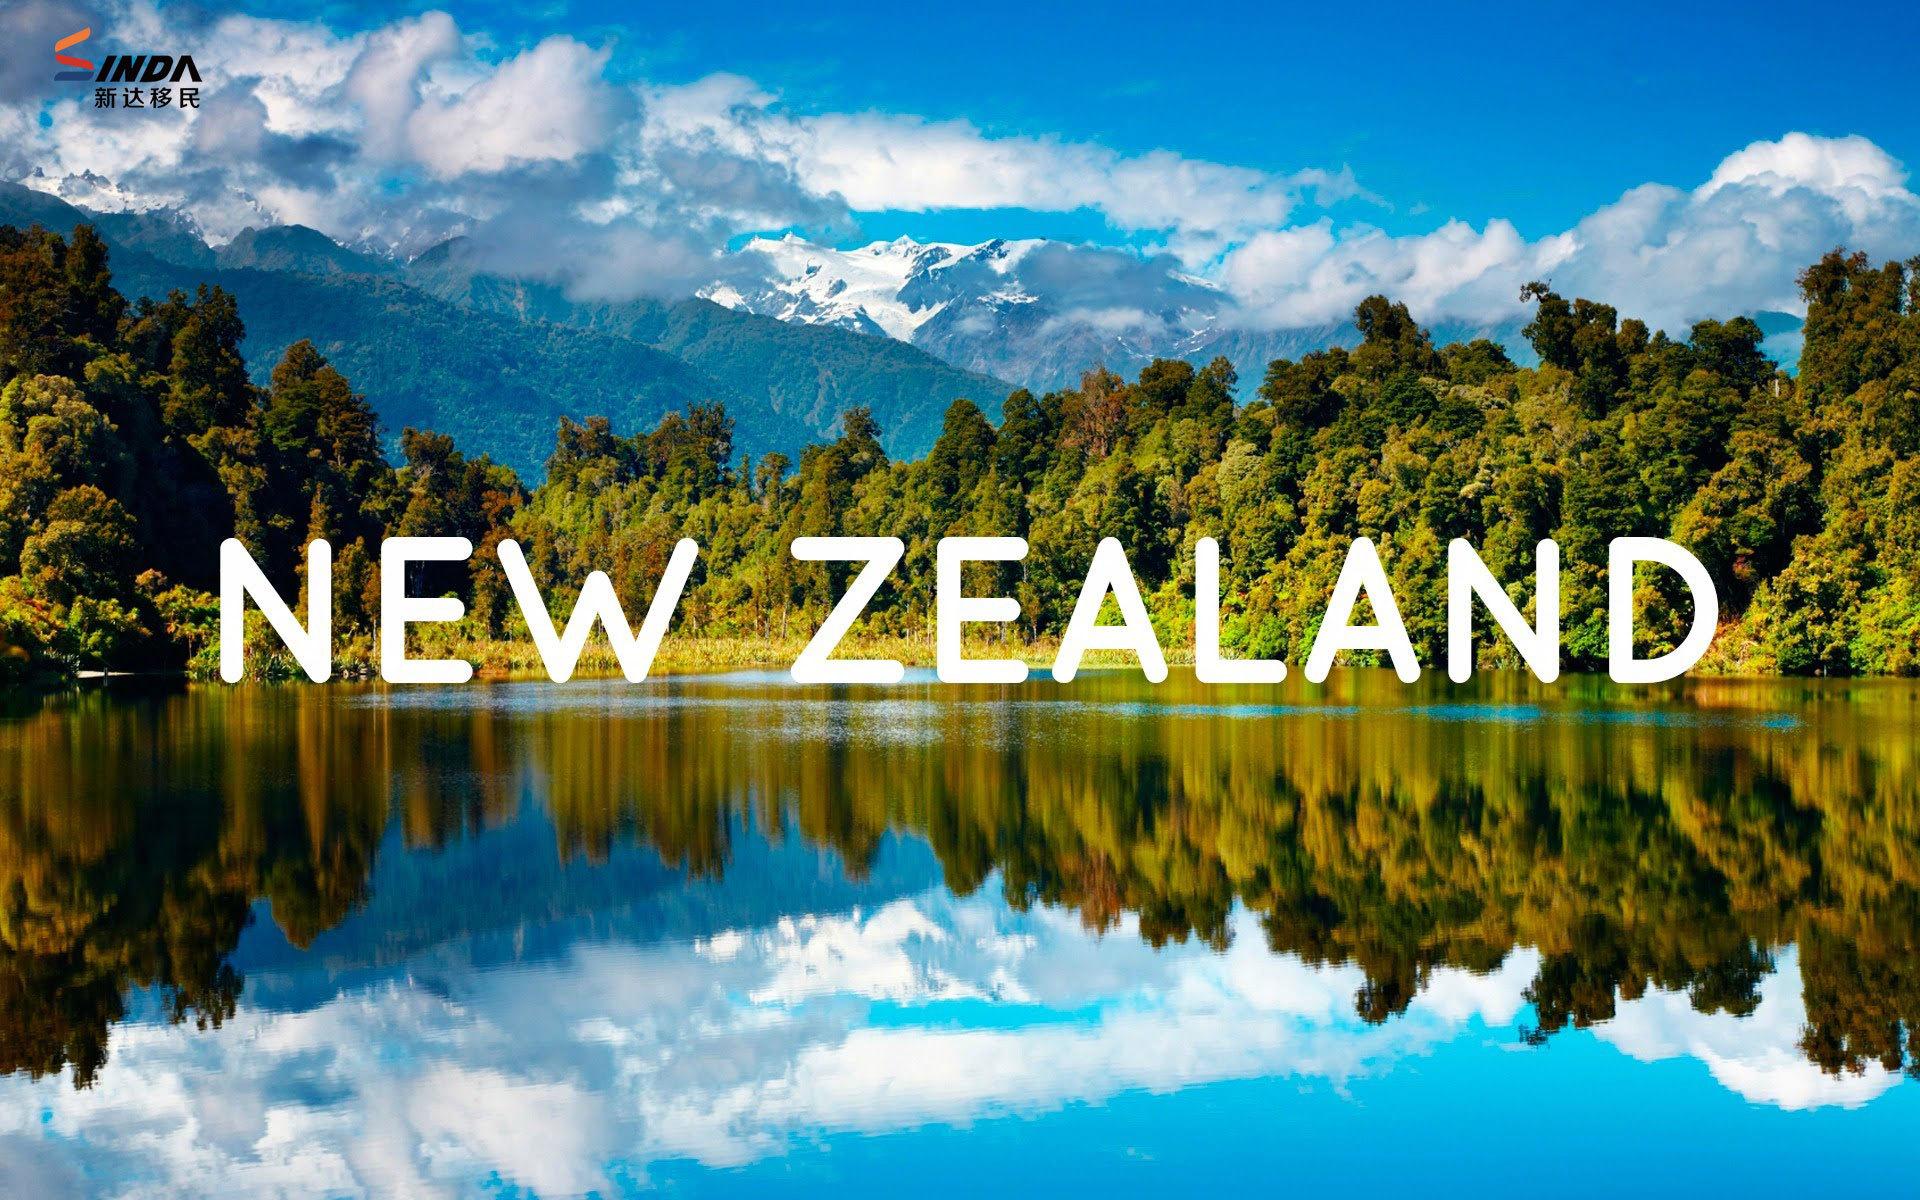 新西兰移民方式及条件汇总之新西兰创业投资移民政策图片